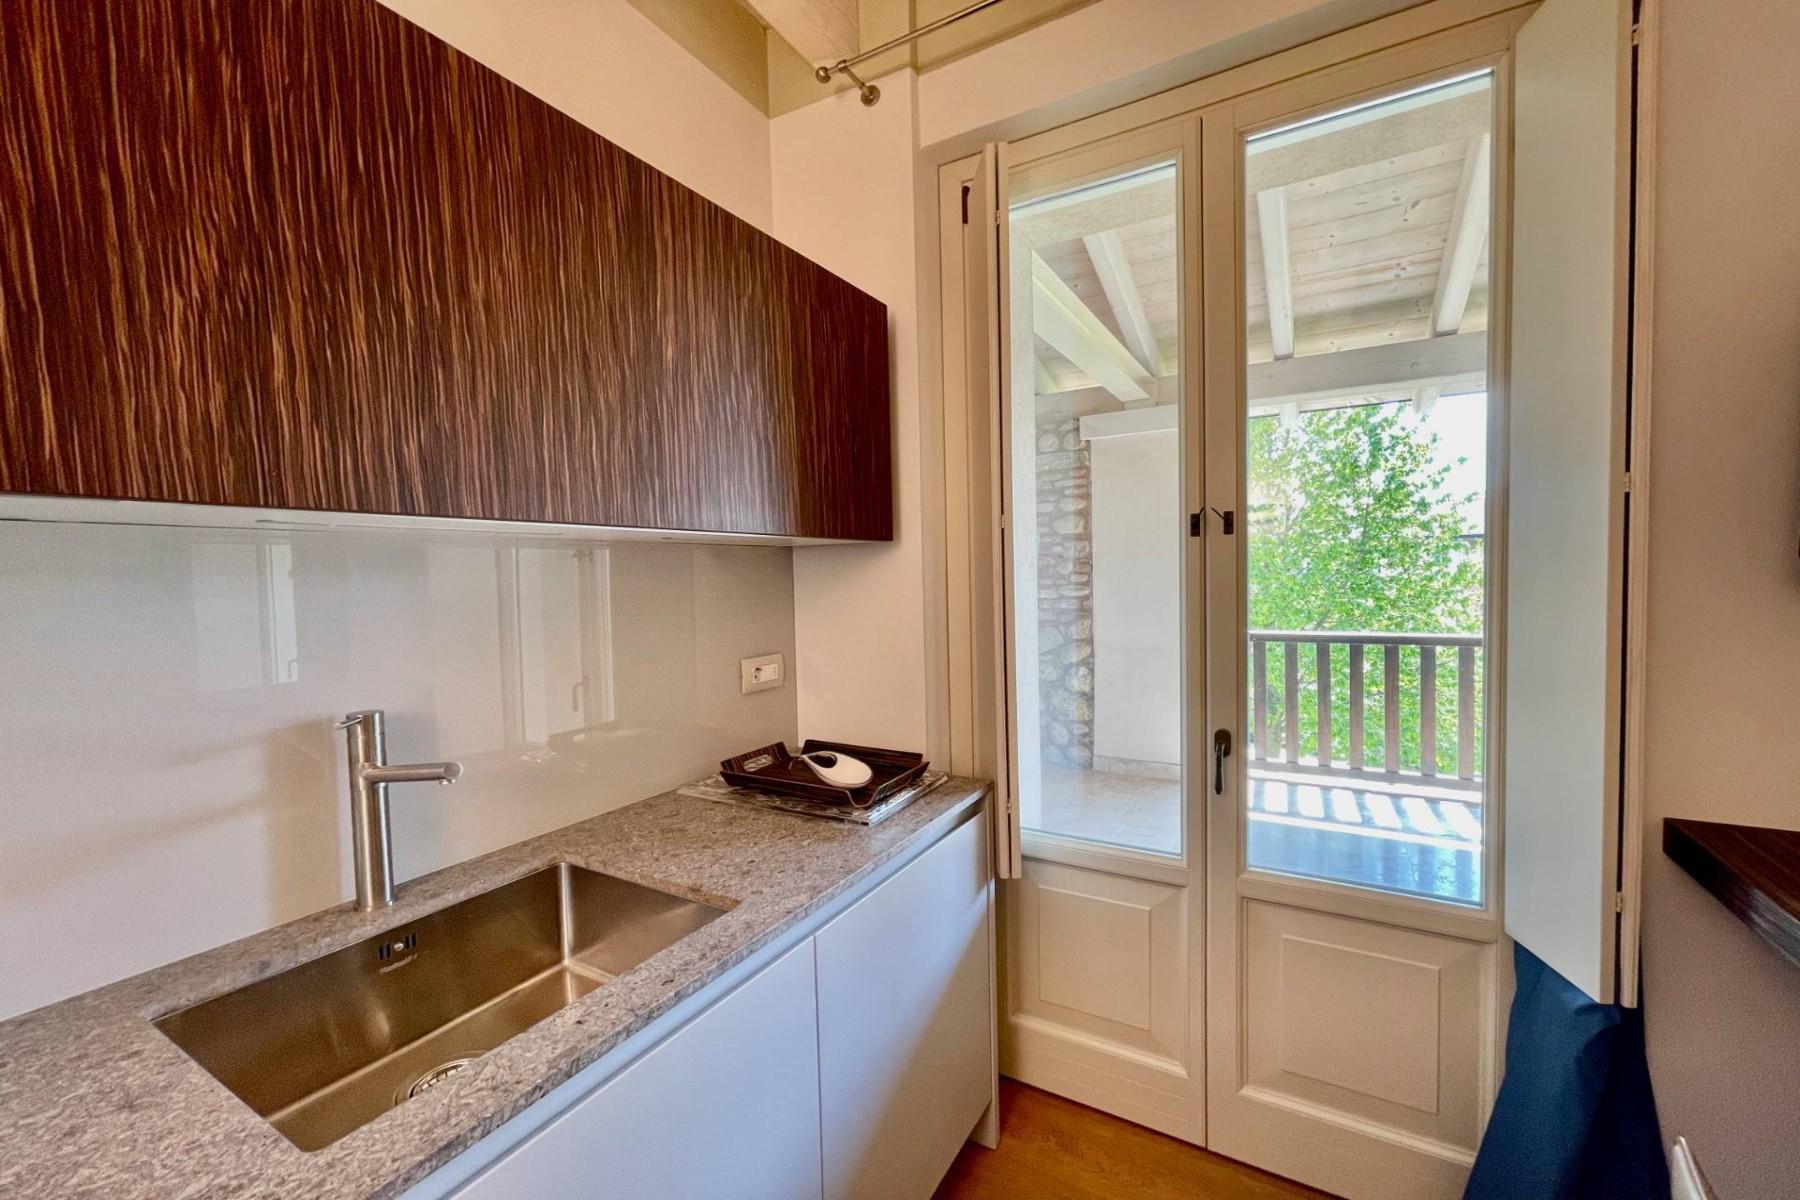 Appartamento in Vendita a Pozzolengo: 2 locali, 67 mq - Foto 10